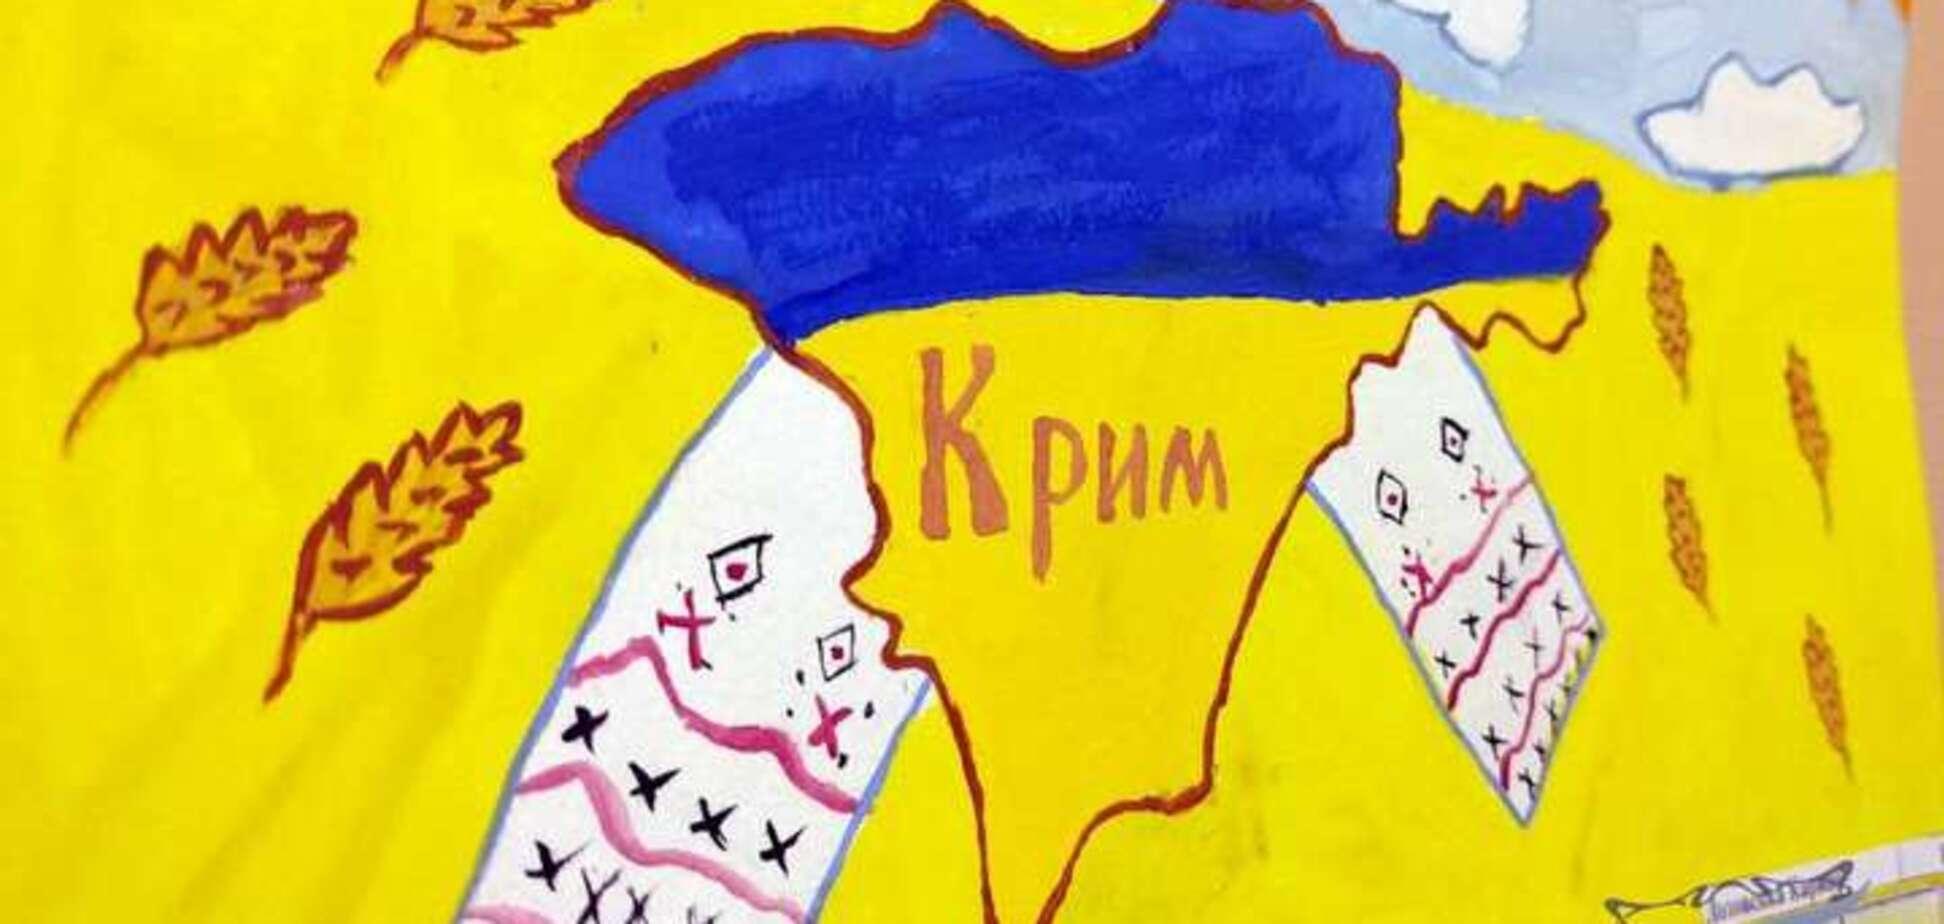 'Ай молодці!' Топ-пропагандисти Кремля назвали Крим українським: фотофакт